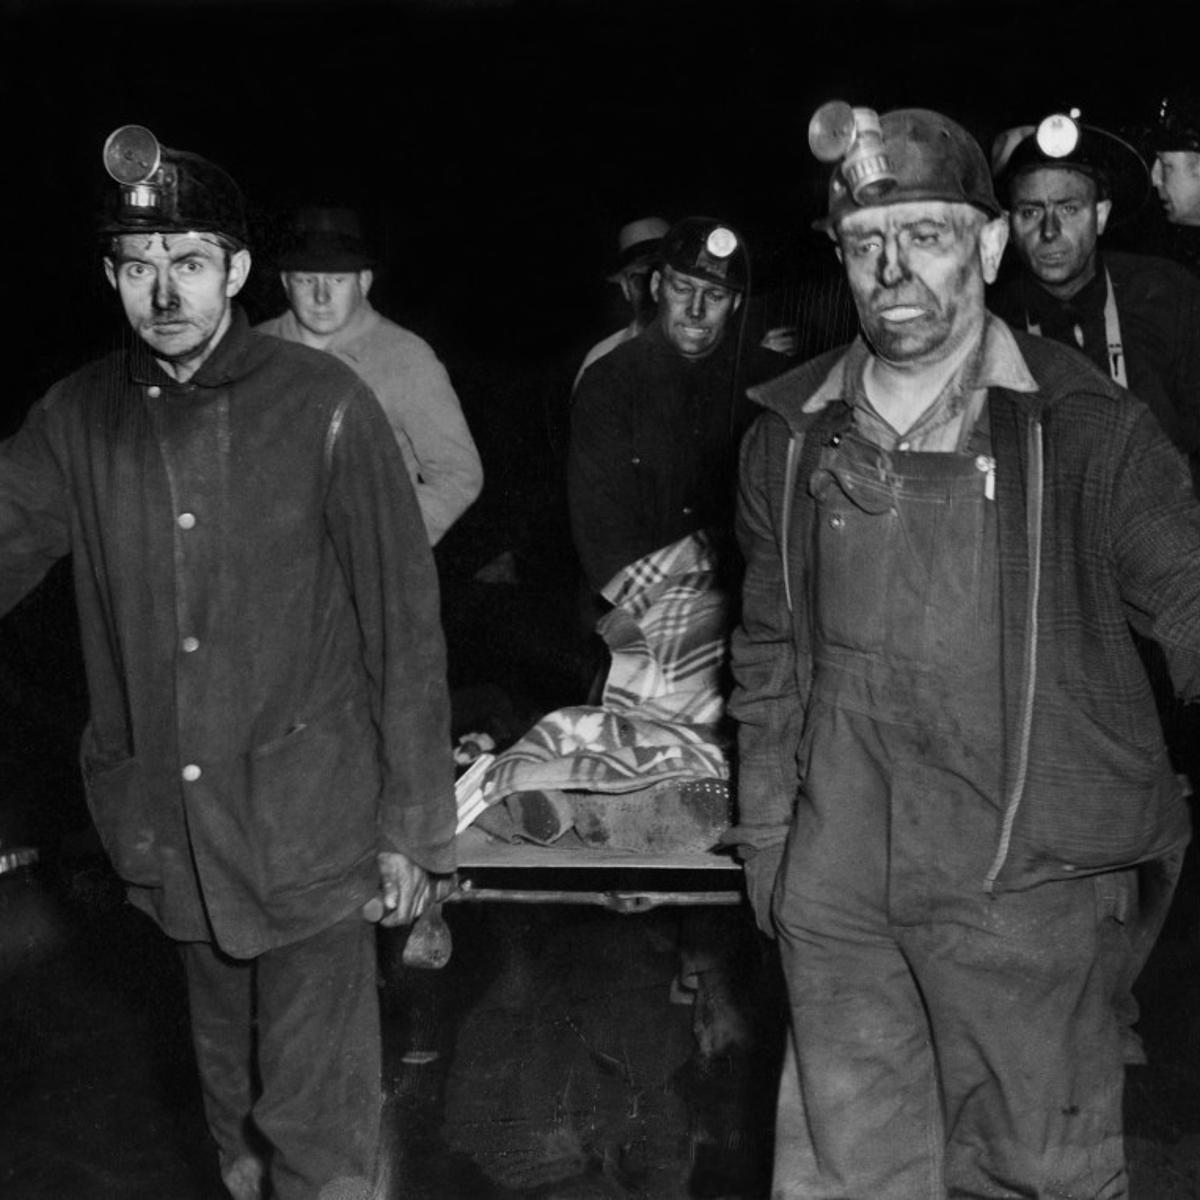 """ב-25 במרץ 1947 פיצוץ במכרה פחם במדינת אלינוי,ארה""""ב, מחסל 111 כורי פחם"""